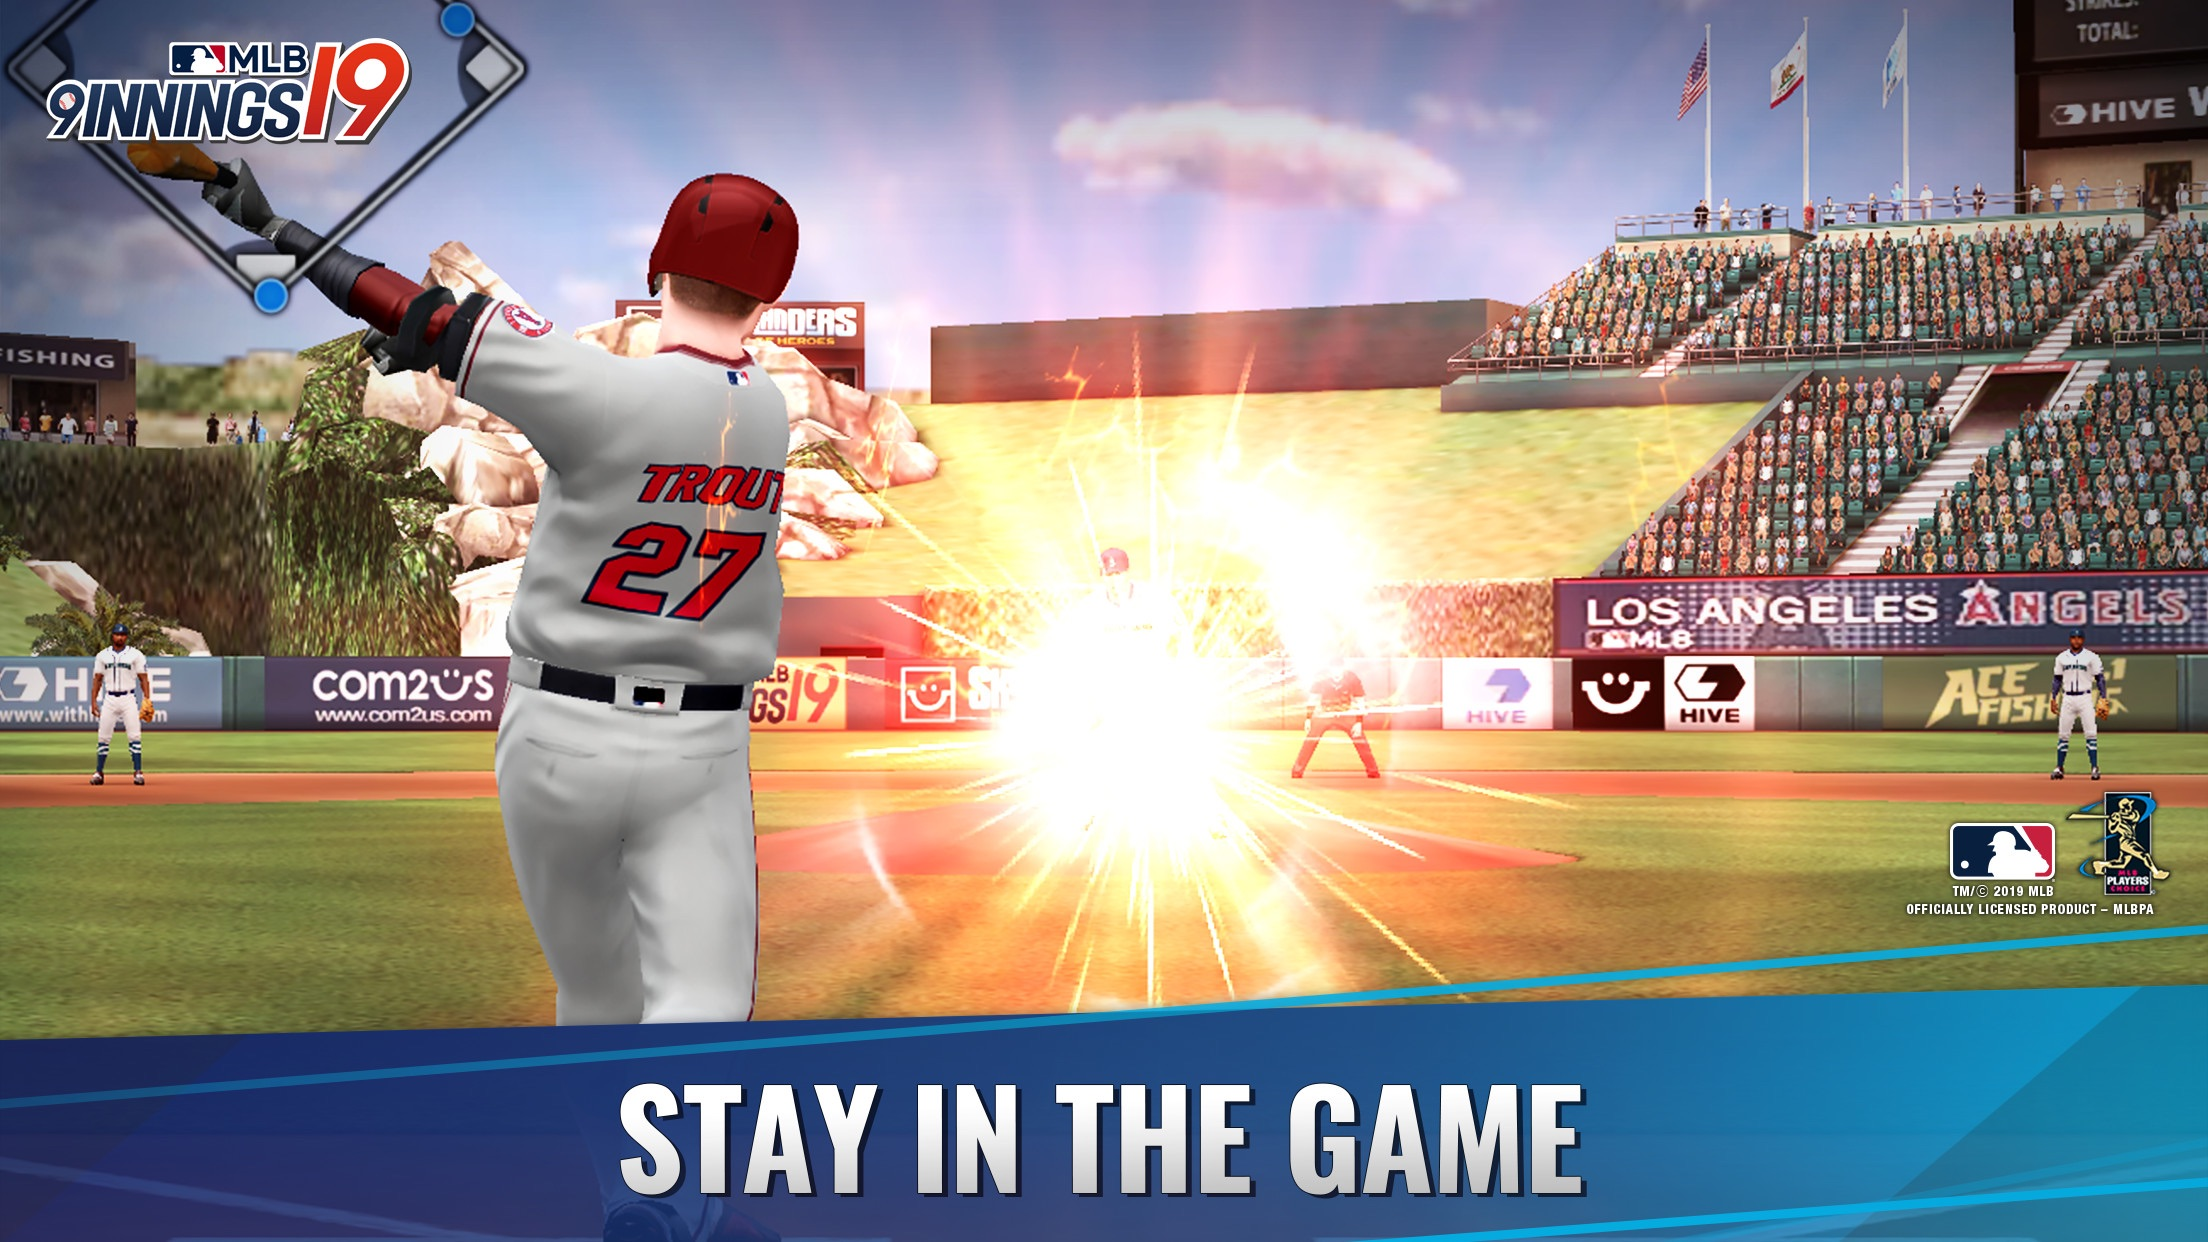 MLB 9 Innings 19 Screenshot